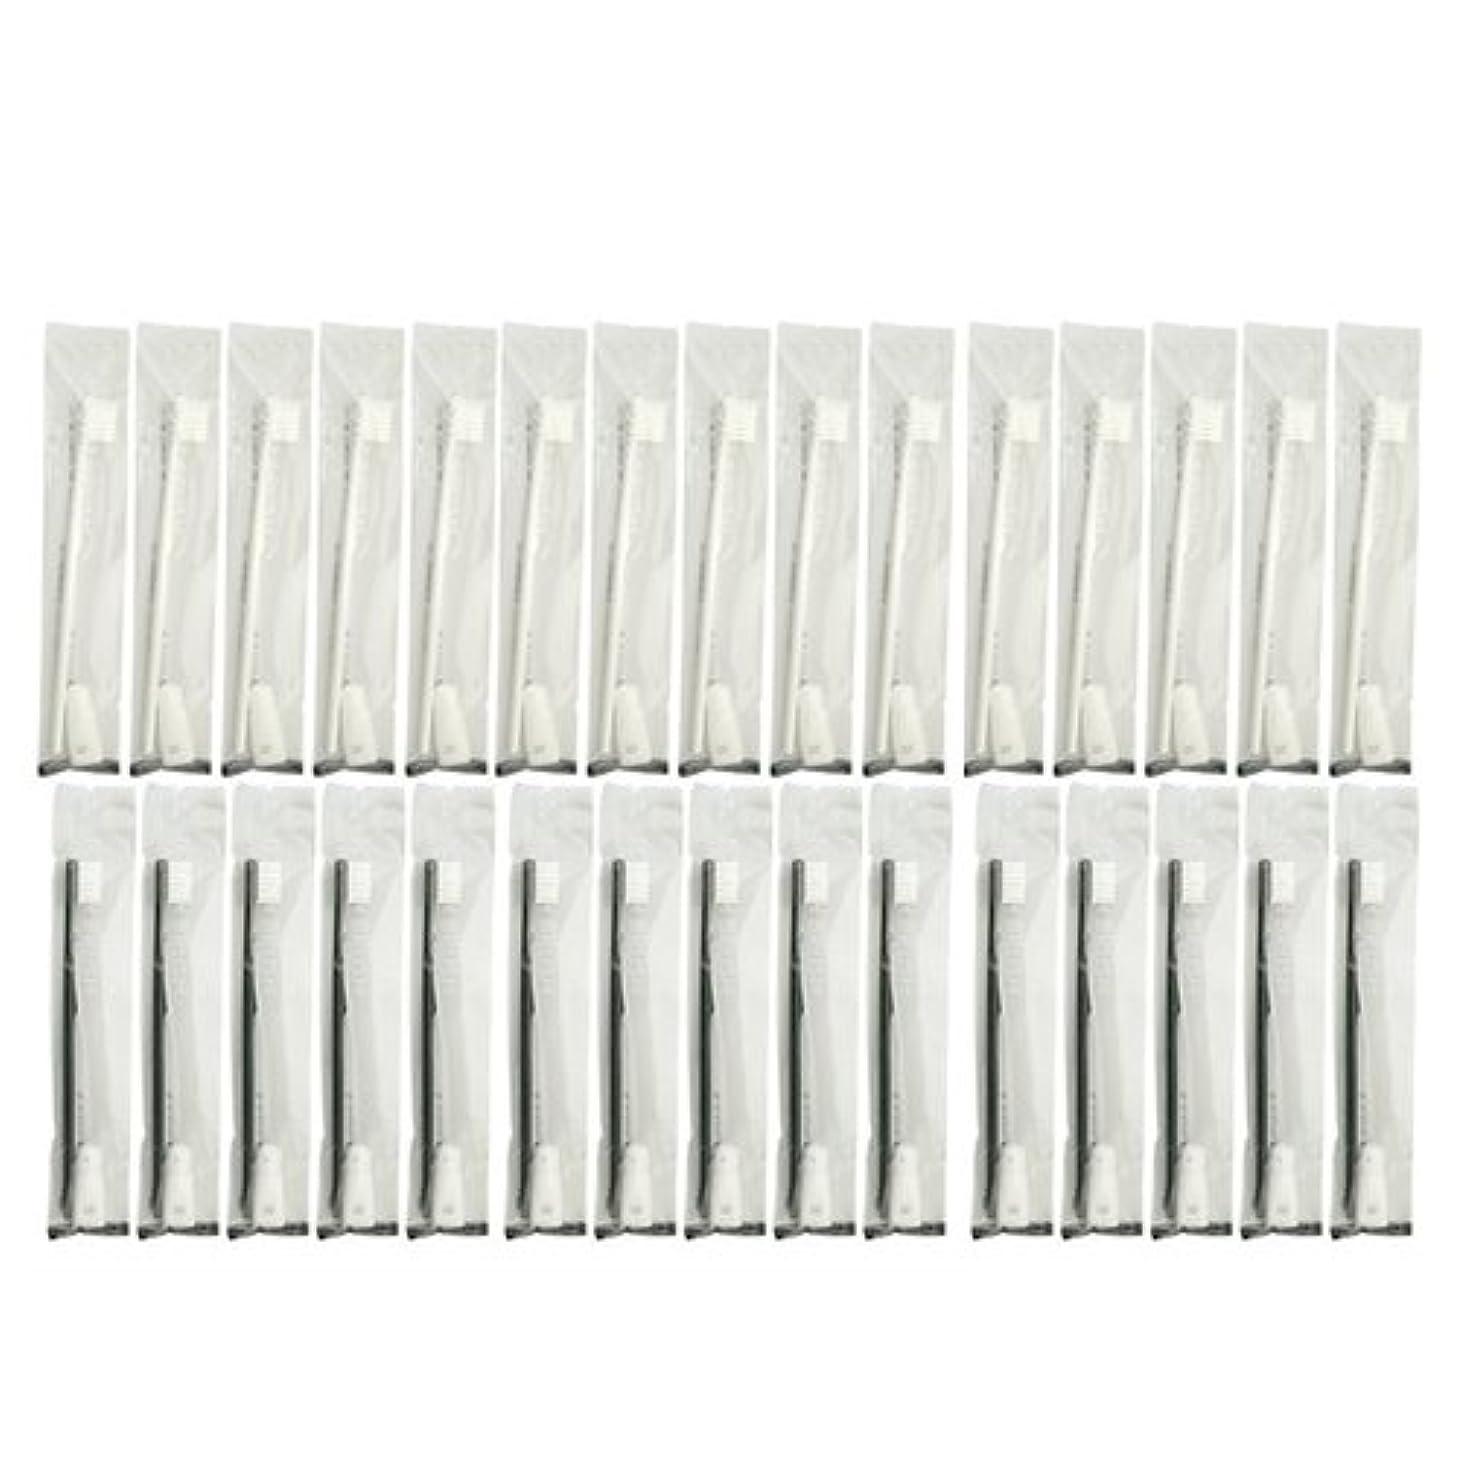 ハウス地元不調和業務用 使い捨て歯ブラシ チューブ歯磨き粉(3g)付き アソート 30本 (ブラック15本/ホワイト15本)セット│ホテルアメニティ 個包装タイプ